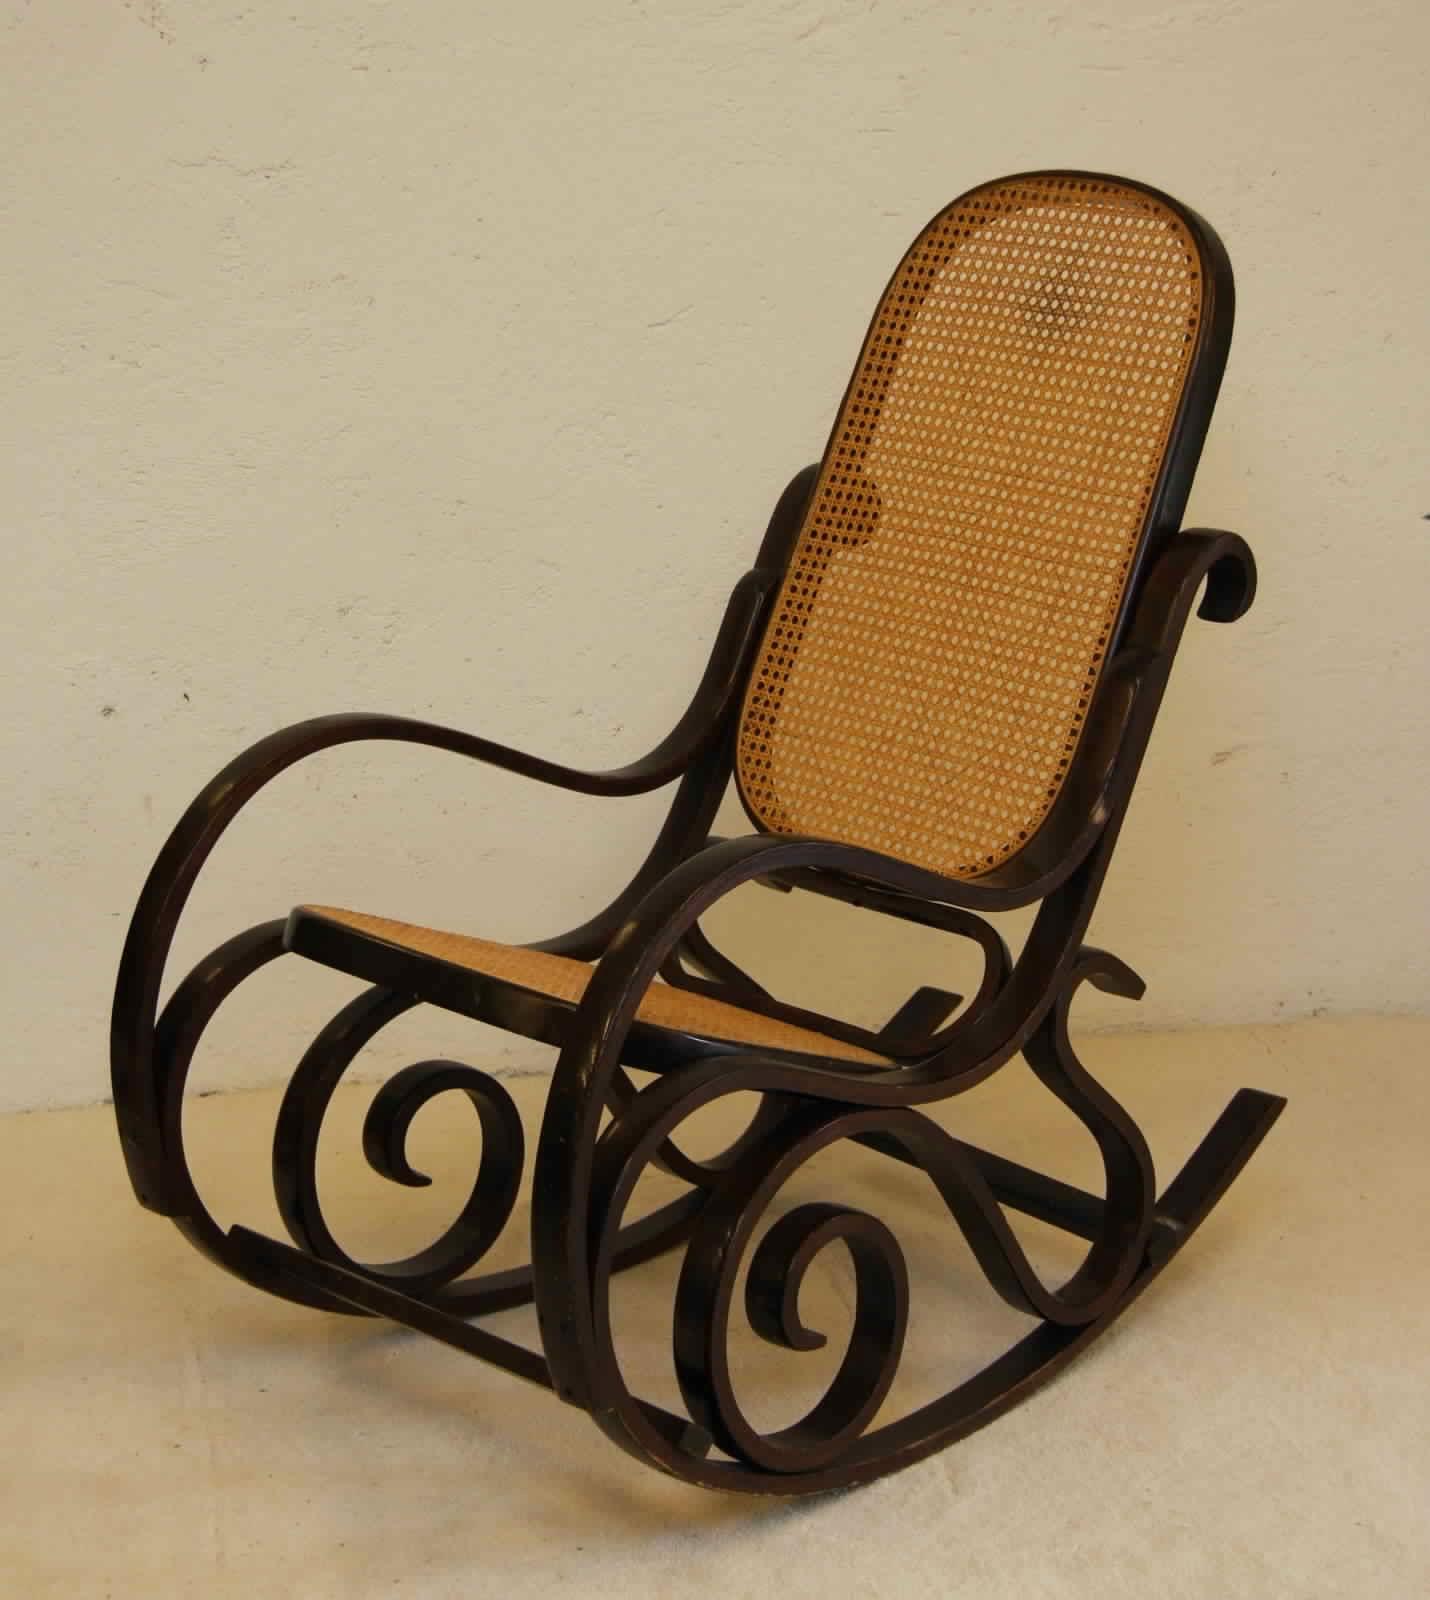 7 conseils pour choisir fauteuil bascule fauteuil relax - Fauteuil a bascule design ...